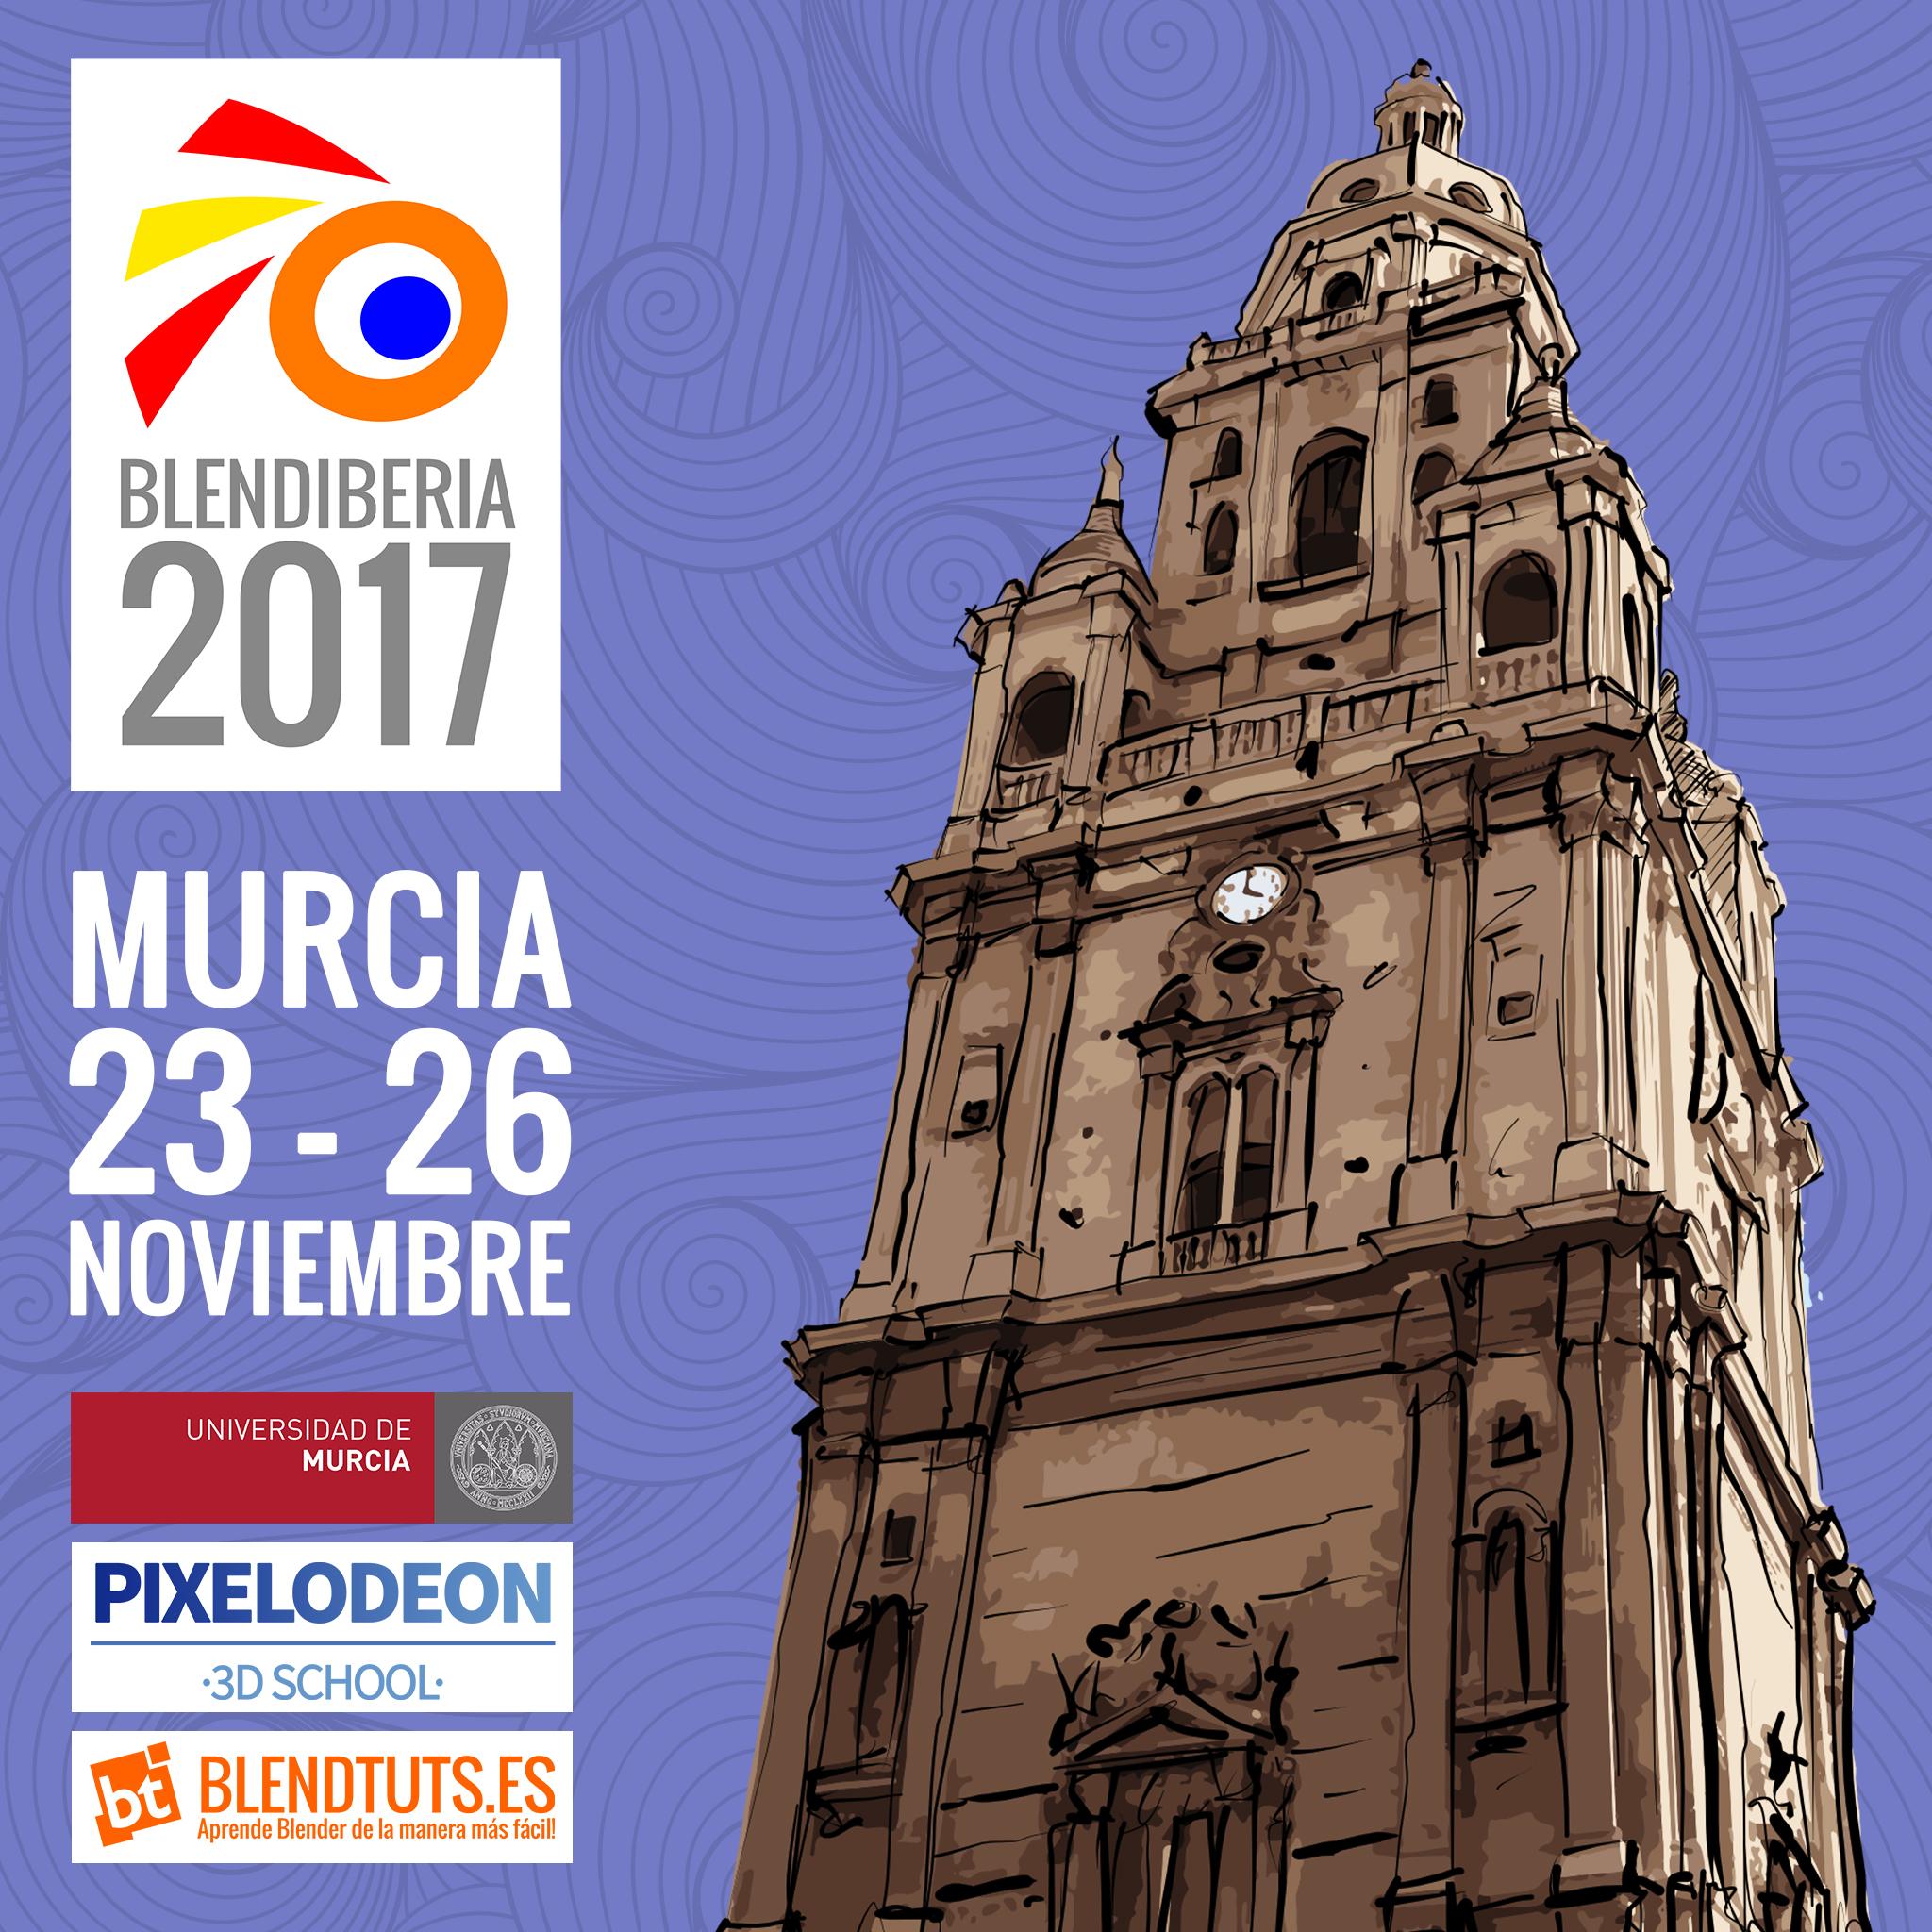 Blendiberia 2017 25 y 26 de noviembre en murcia-tower-2048.jpg